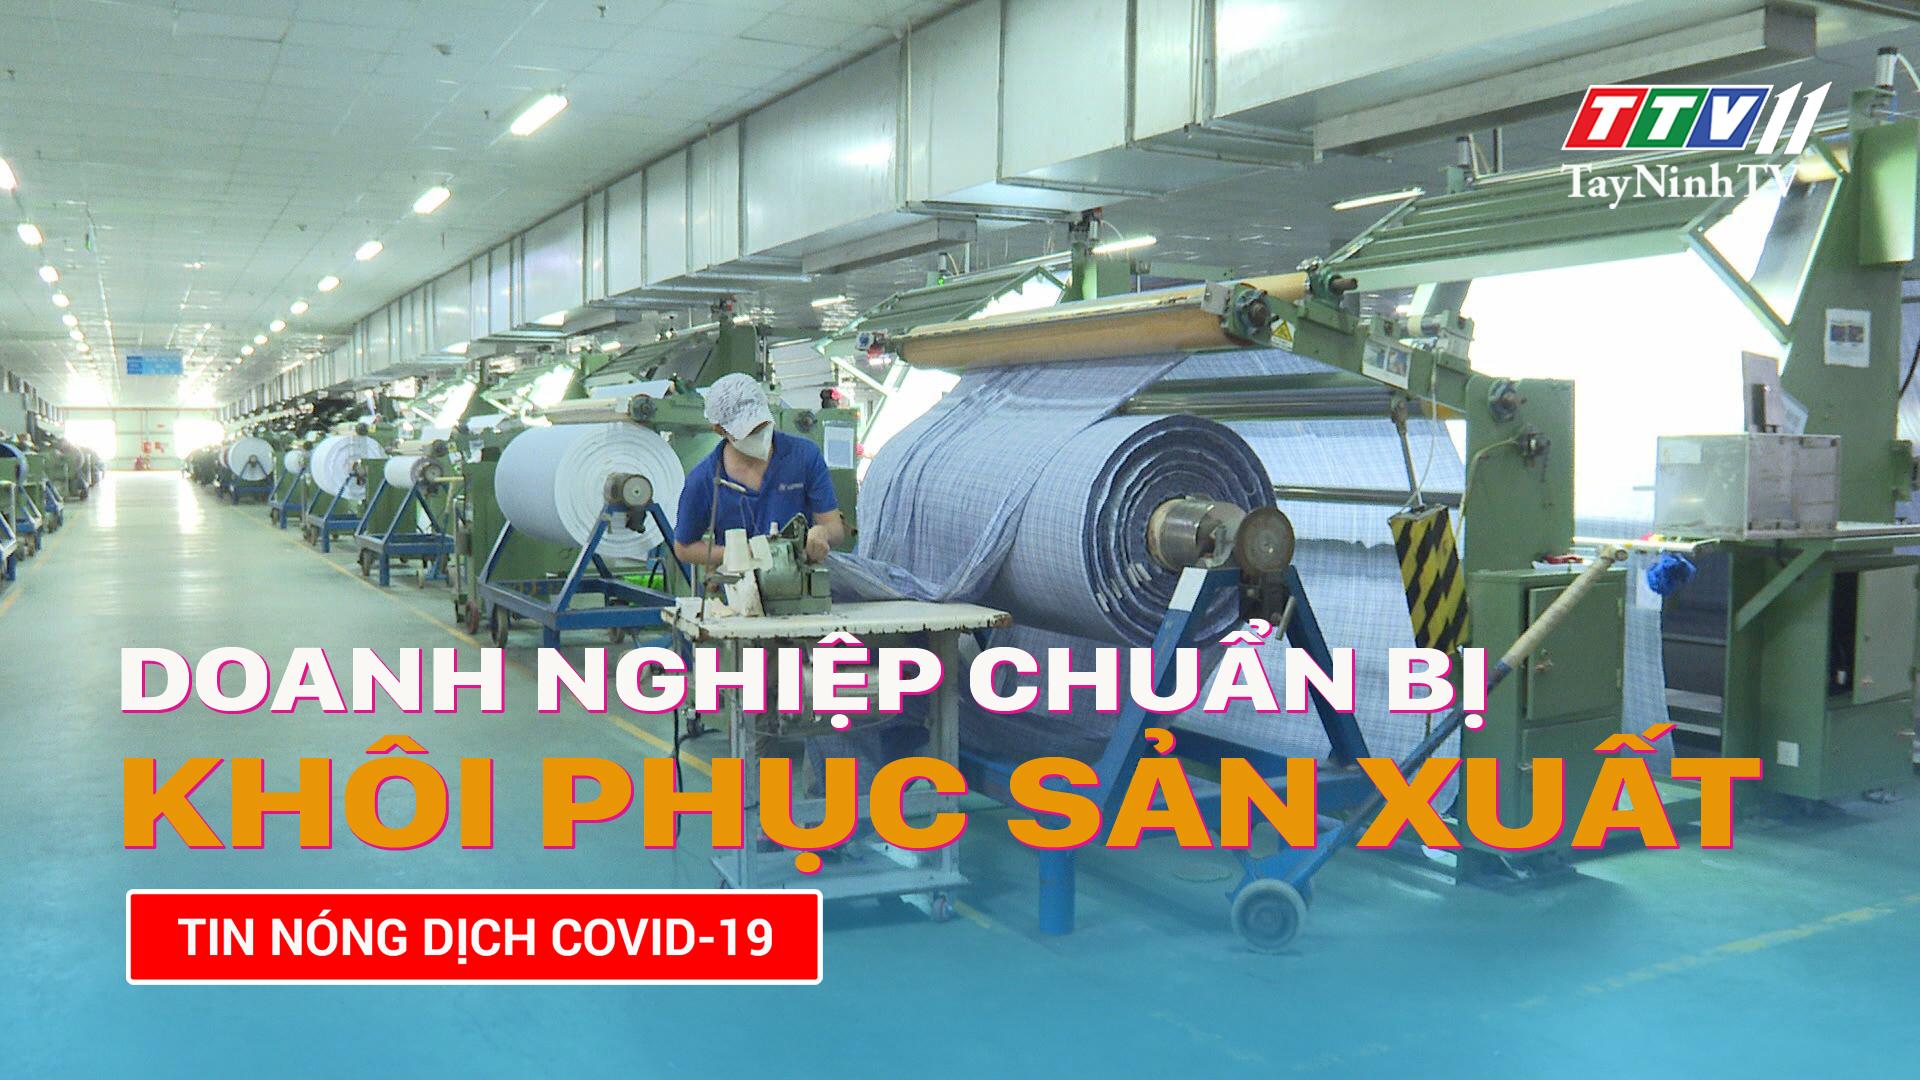 Doanh nghiệp chuẩn bị cho việc khôi phục sản xuất | TayNinhTV